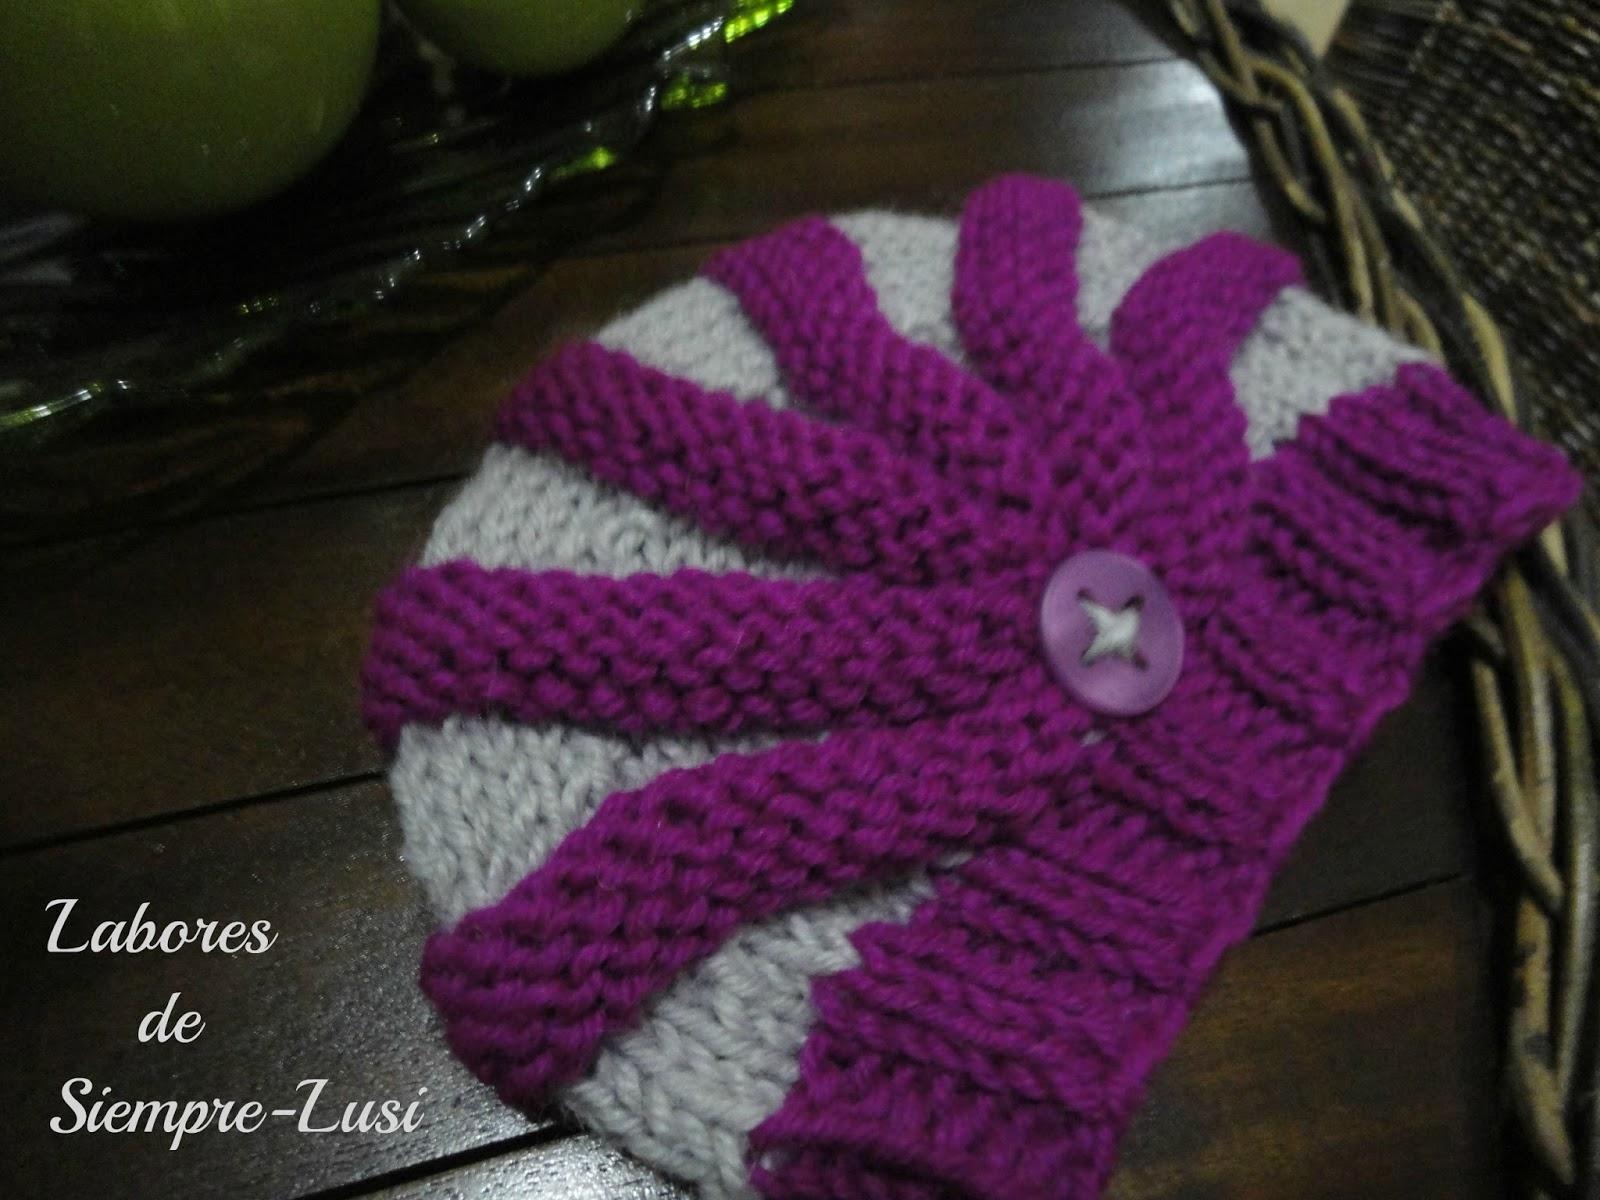 Vistoso Patrón De Crochet Acanalado Friso - Ideas de Patrones de ...